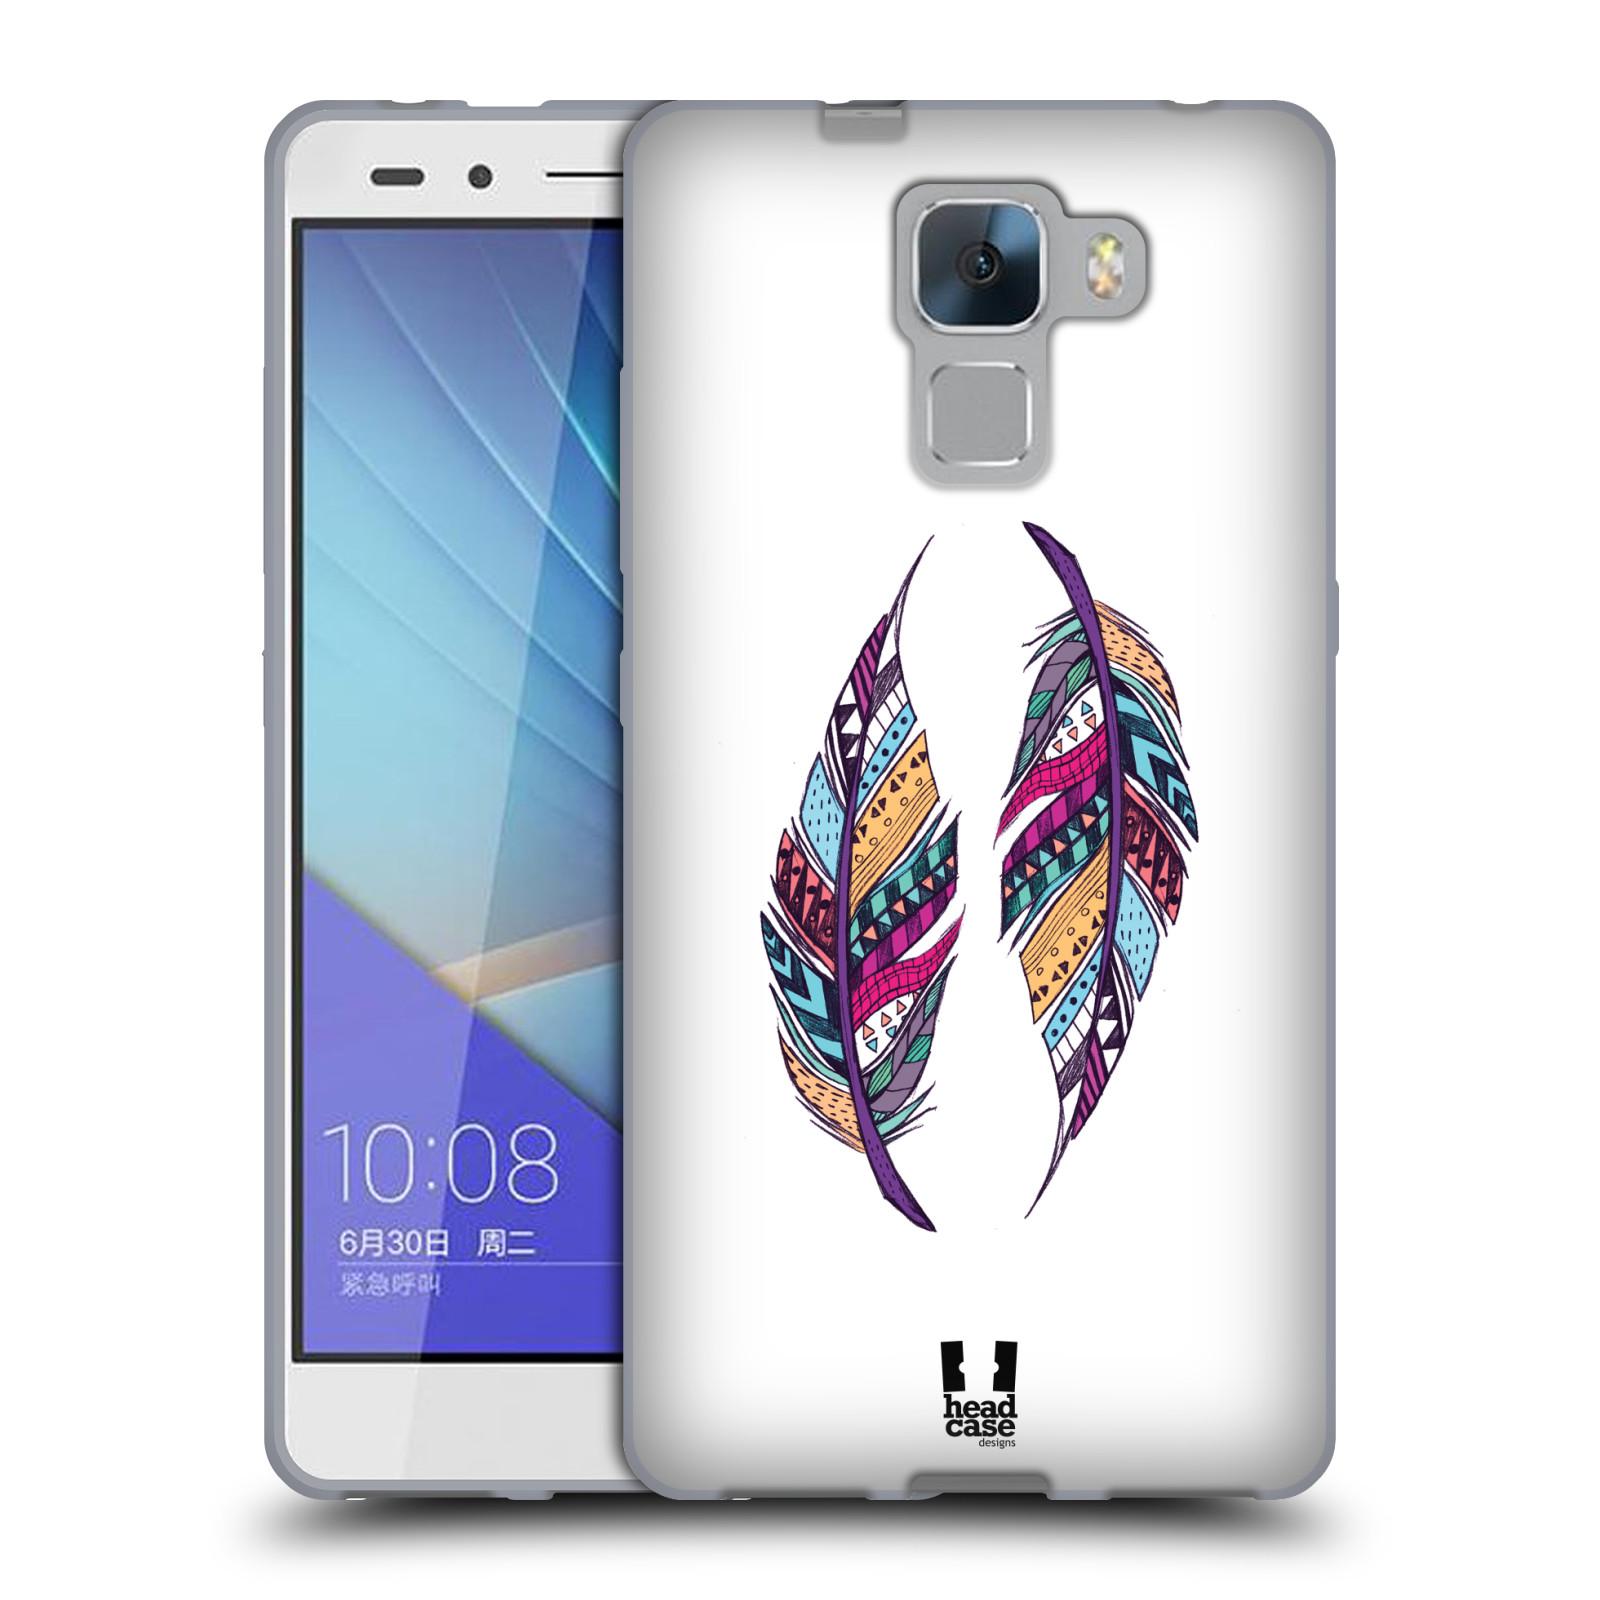 Silikonové pouzdro na mobil Honor 7 HEAD CASE AZTEC PÍRKA